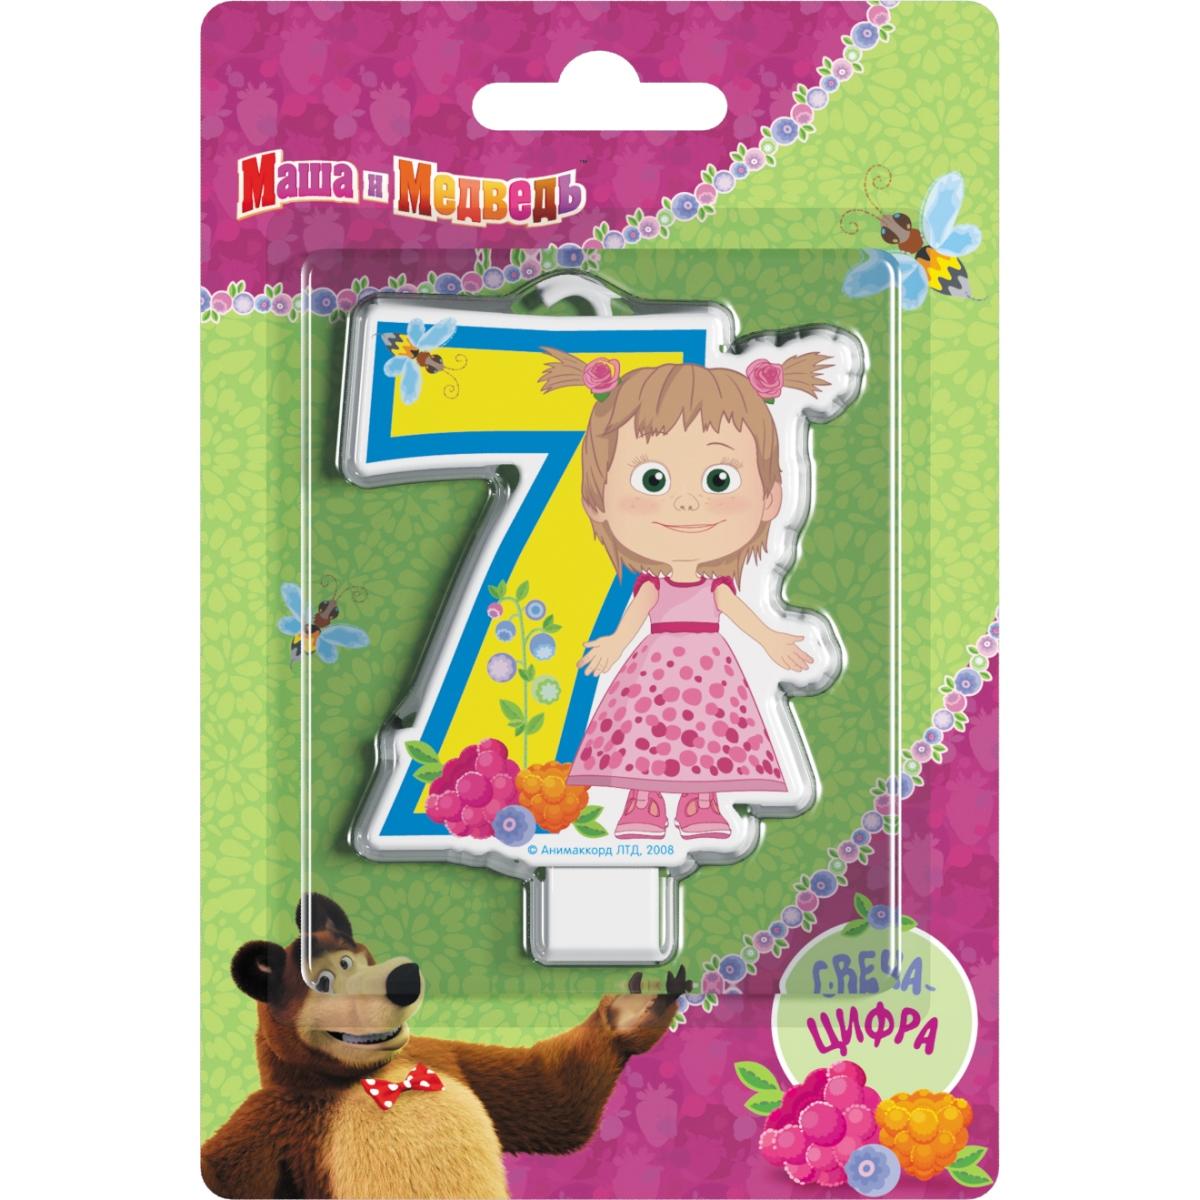 Маша и Медведь Свеча-цифра №7 отк 1 5 спальный день рождения маша и медведь